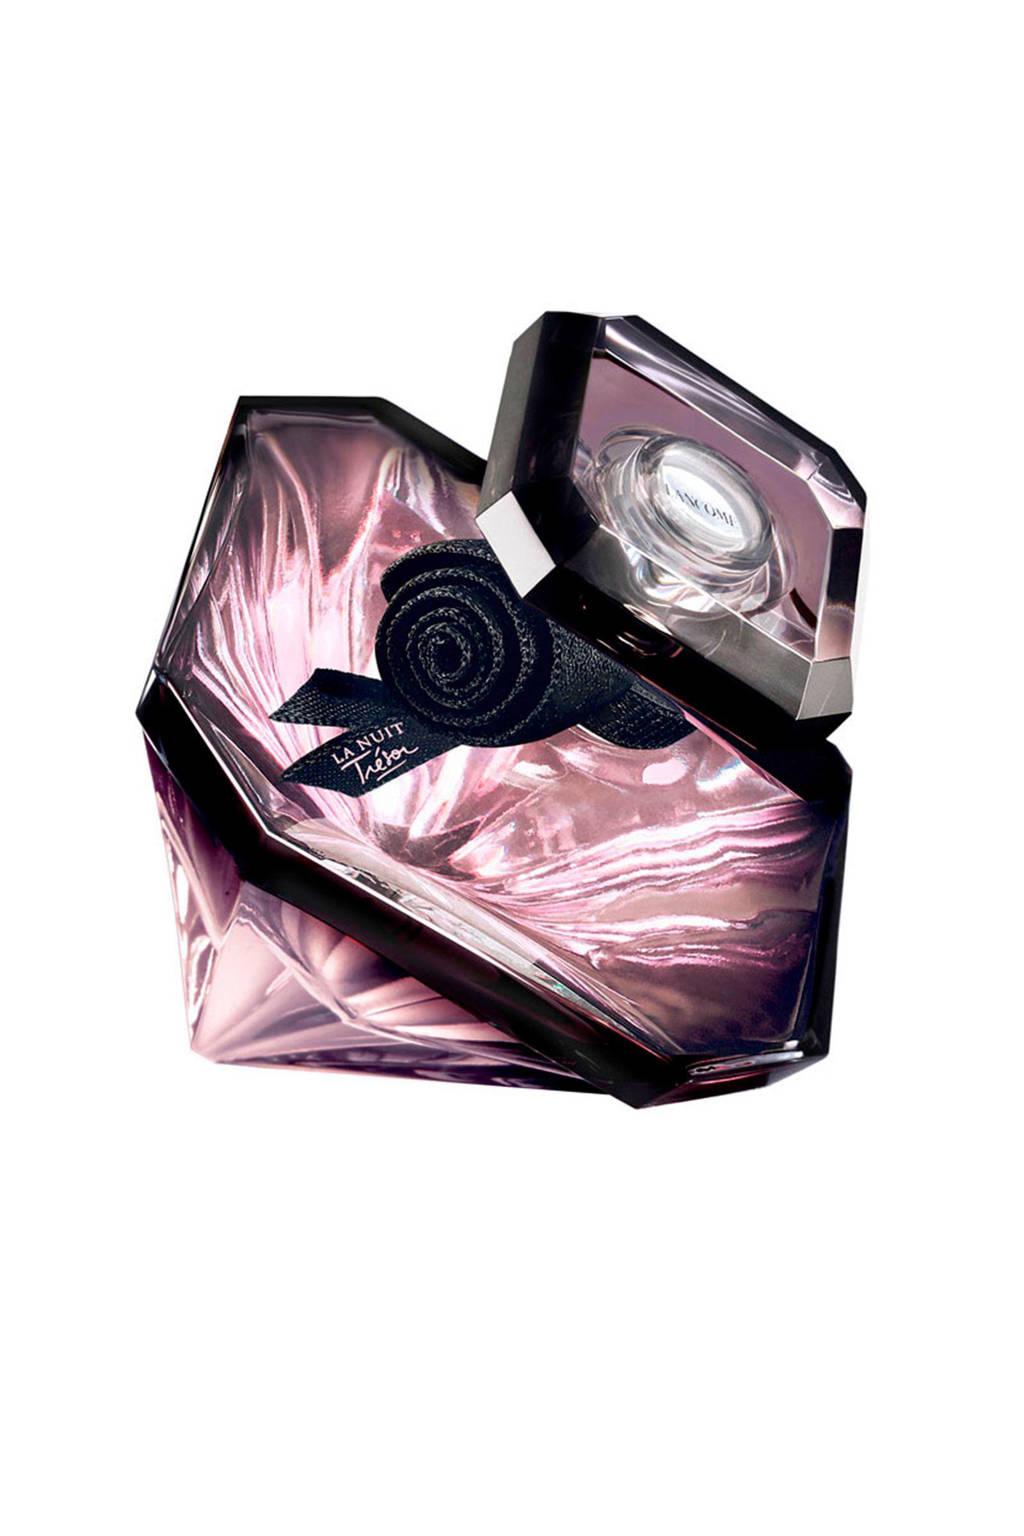 Lancôme Tresor La Nuit eau de parfum - 50 ml